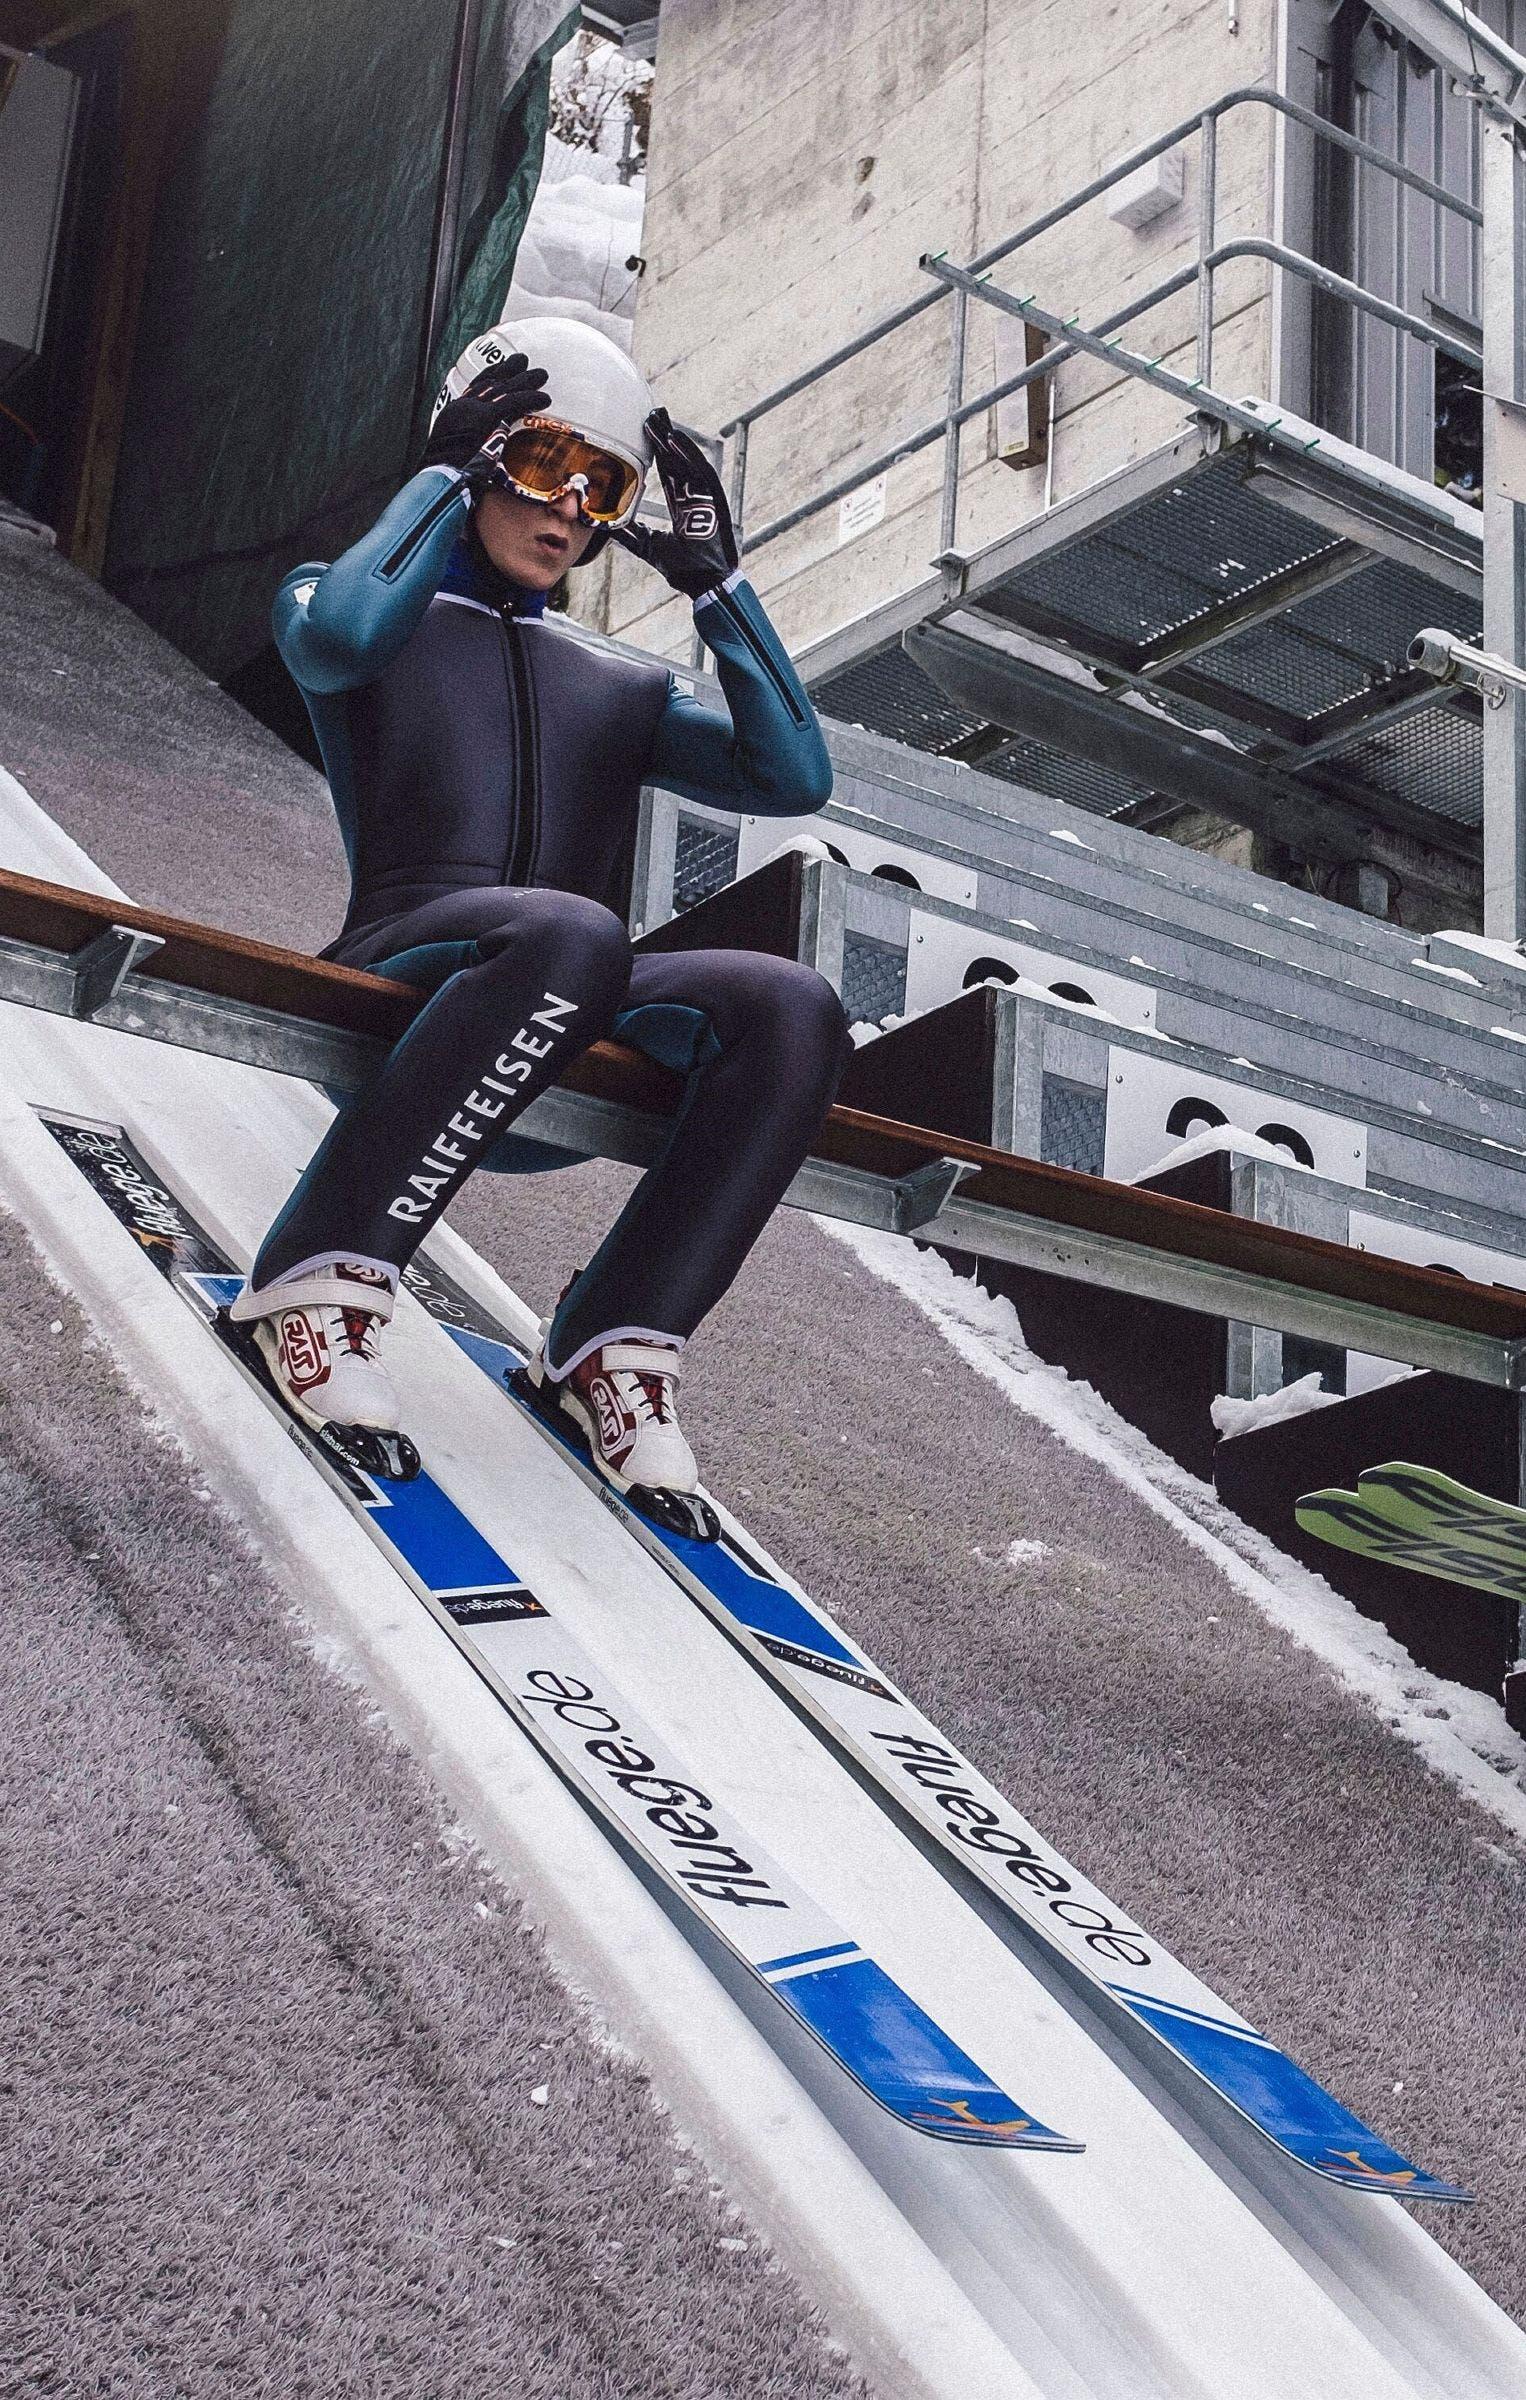 Sie nehmen mit anderen an den Olympischen Jugendspielen 2020 teil: Skispringer Lean Niederberger...